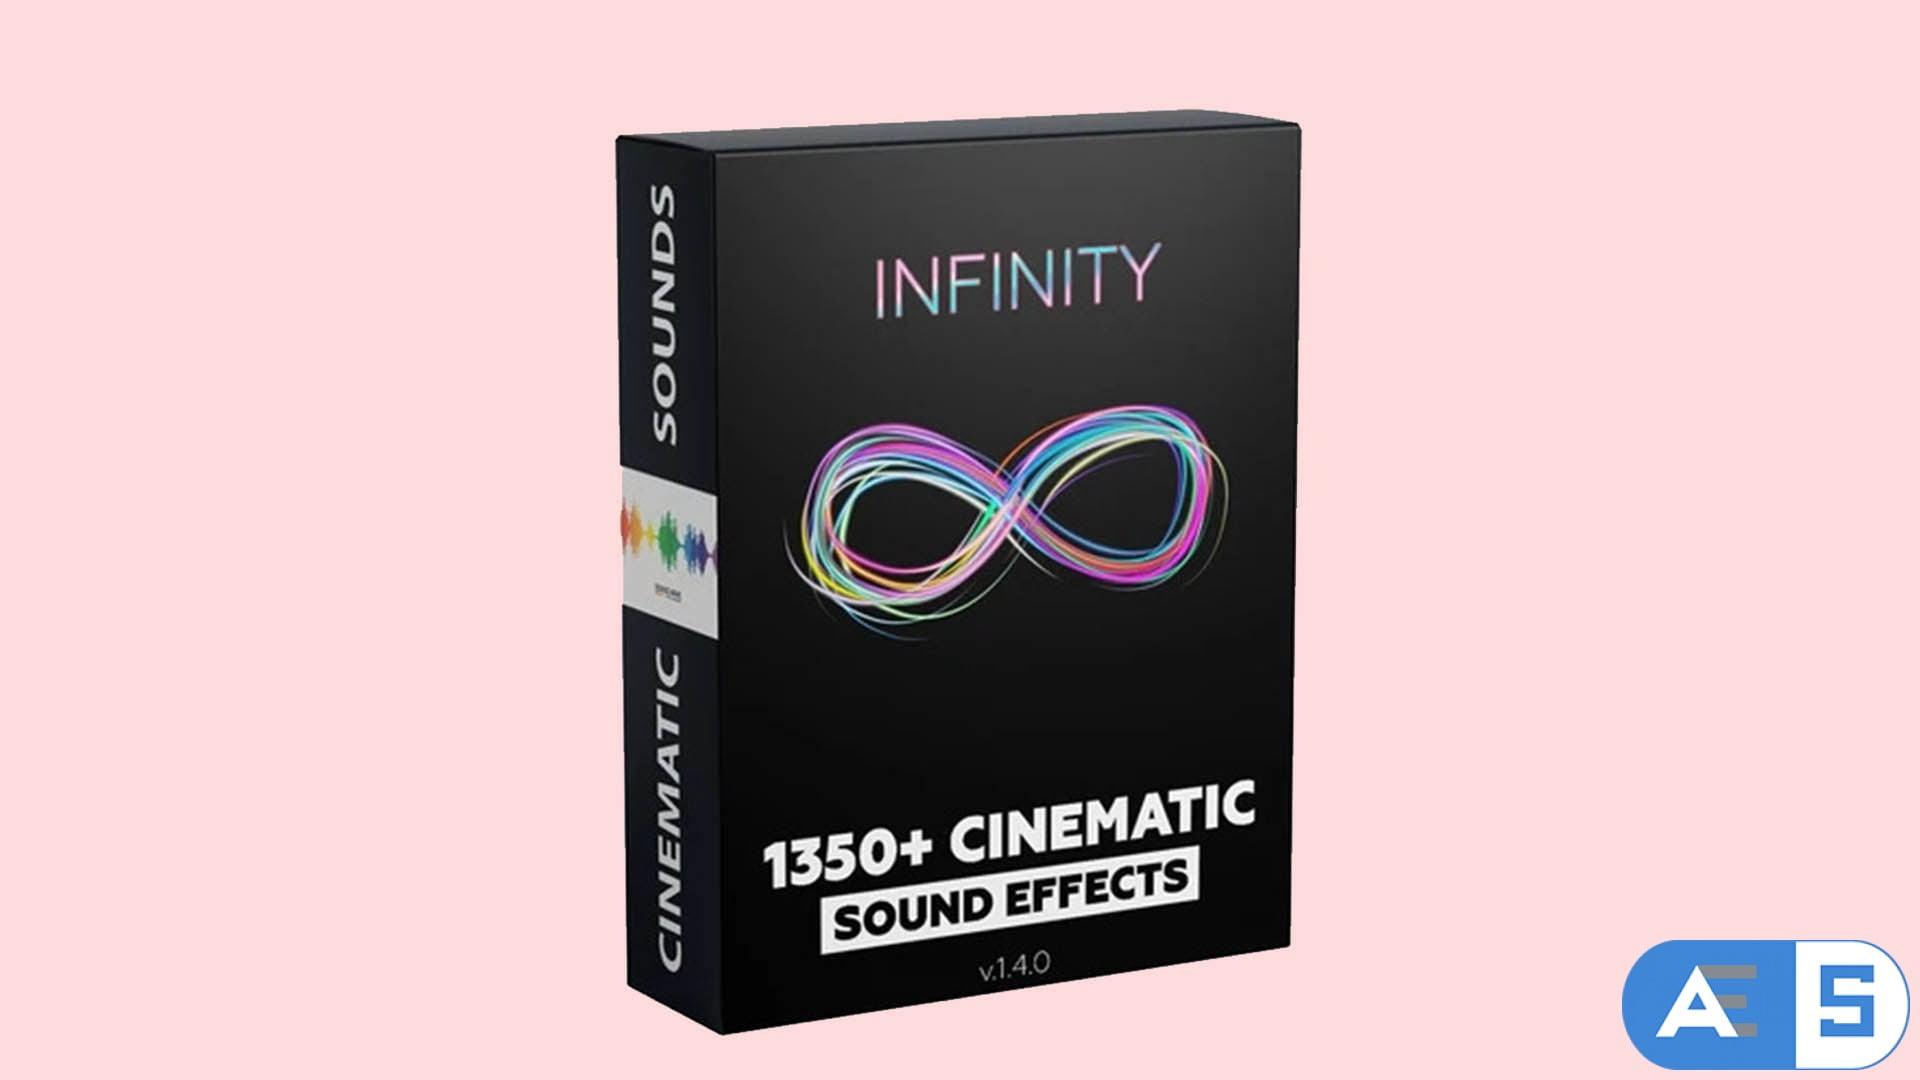 IINFINITY 1350+ CINEMATIC [SOUND EFFECTS]